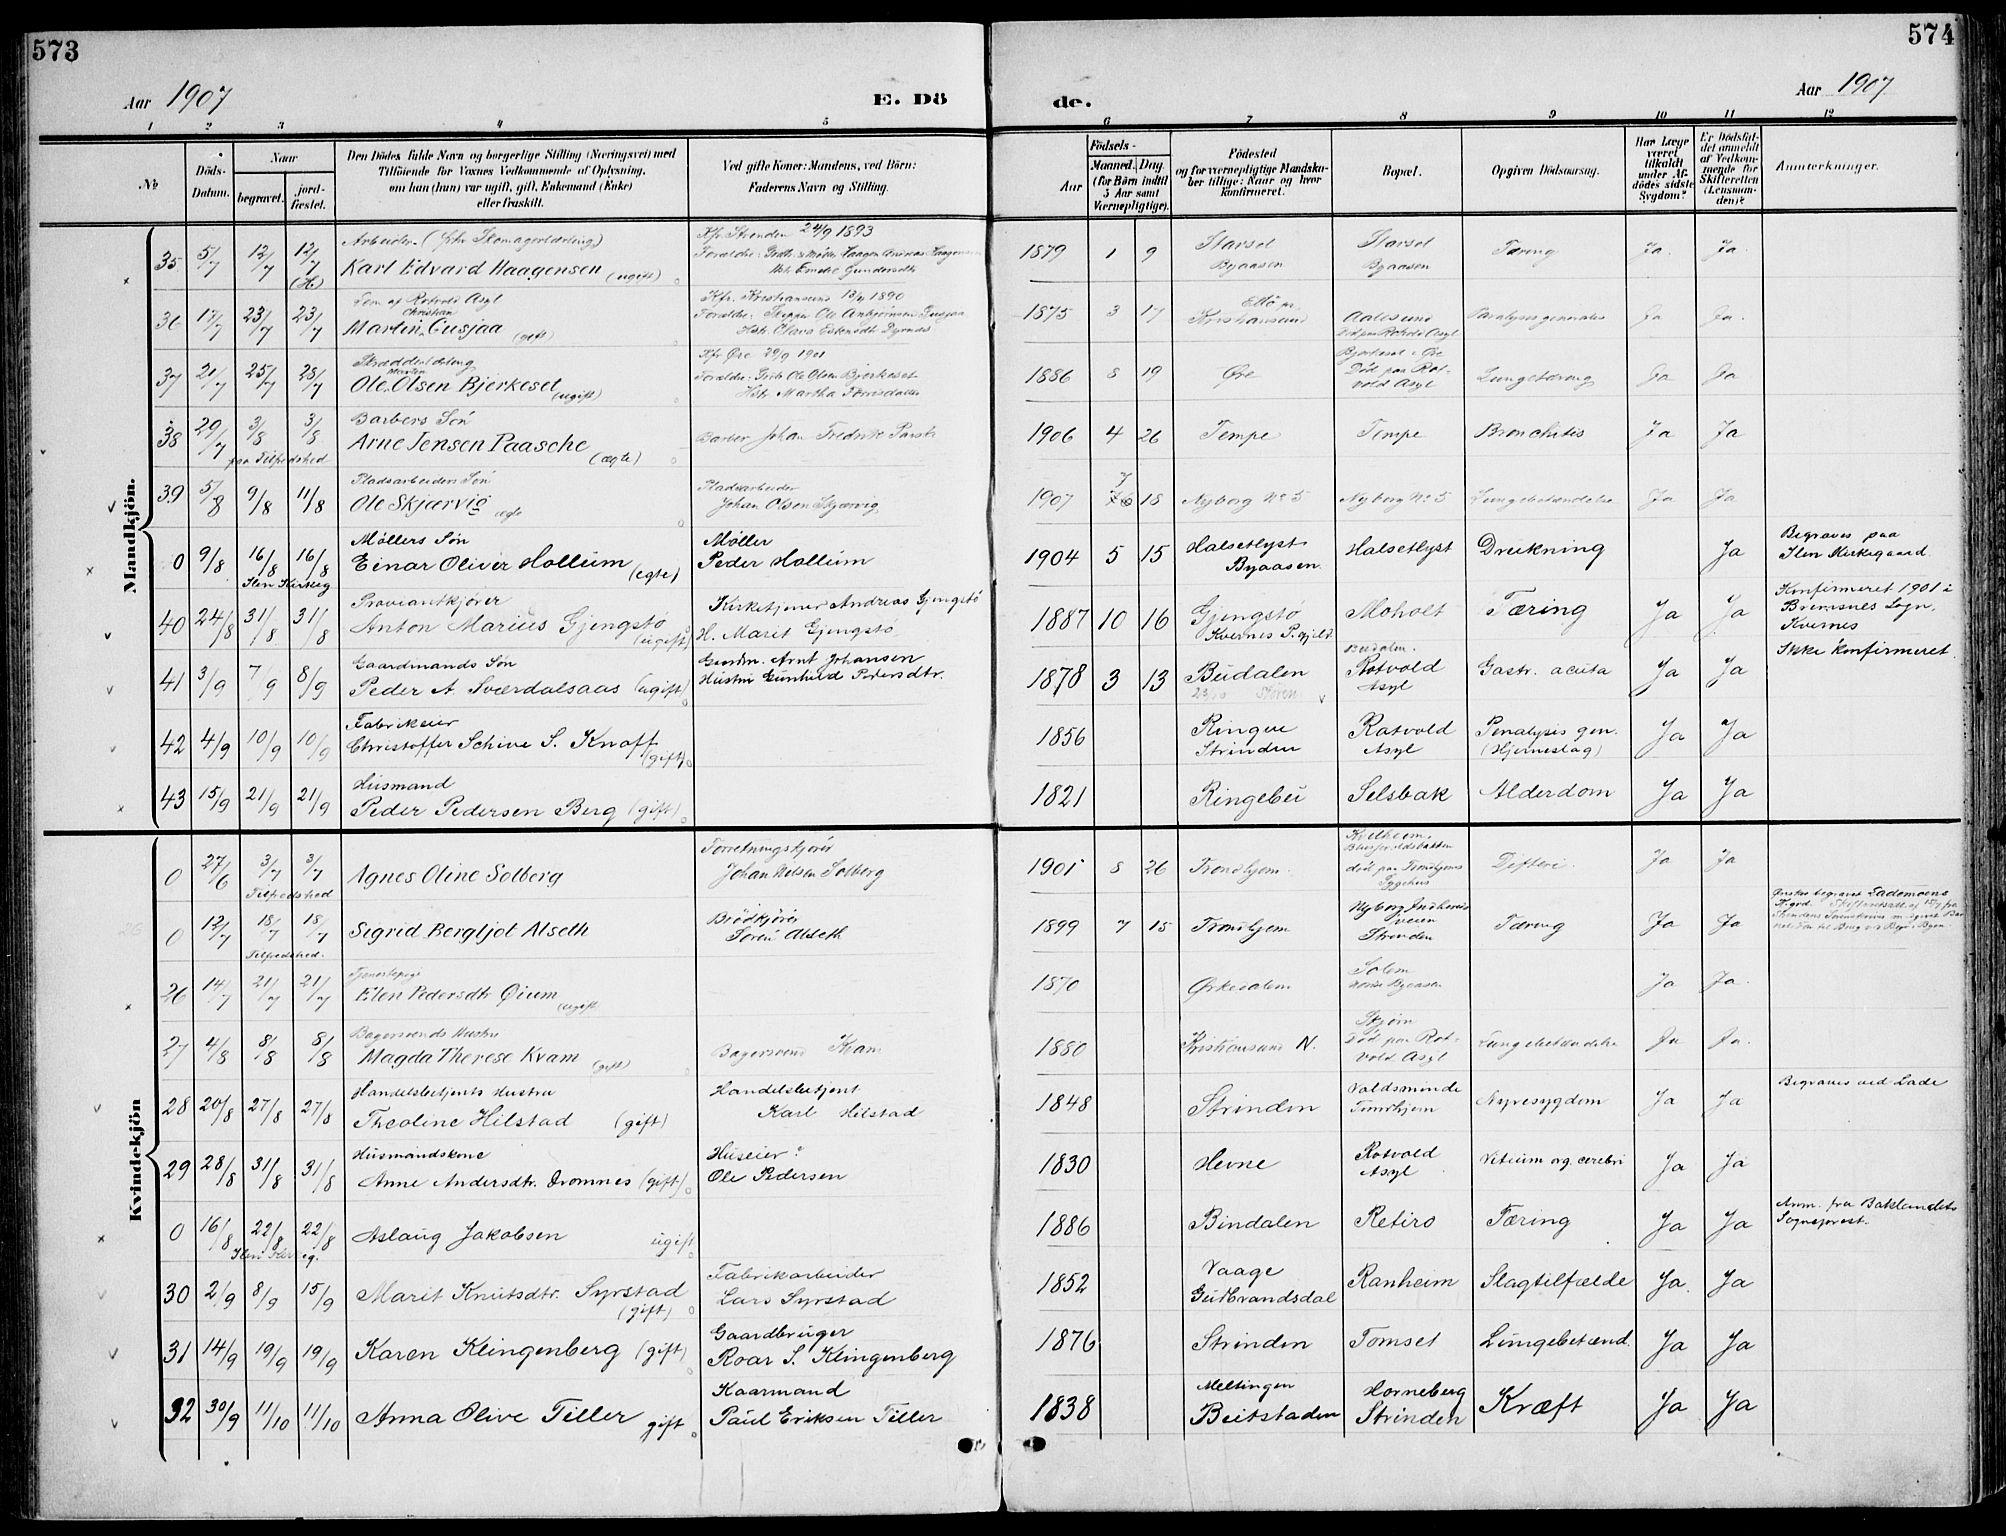 SAT, Ministerialprotokoller, klokkerbøker og fødselsregistre - Sør-Trøndelag, 607/L0320: Ministerialbok nr. 607A04, 1907-1915, s. 573-574